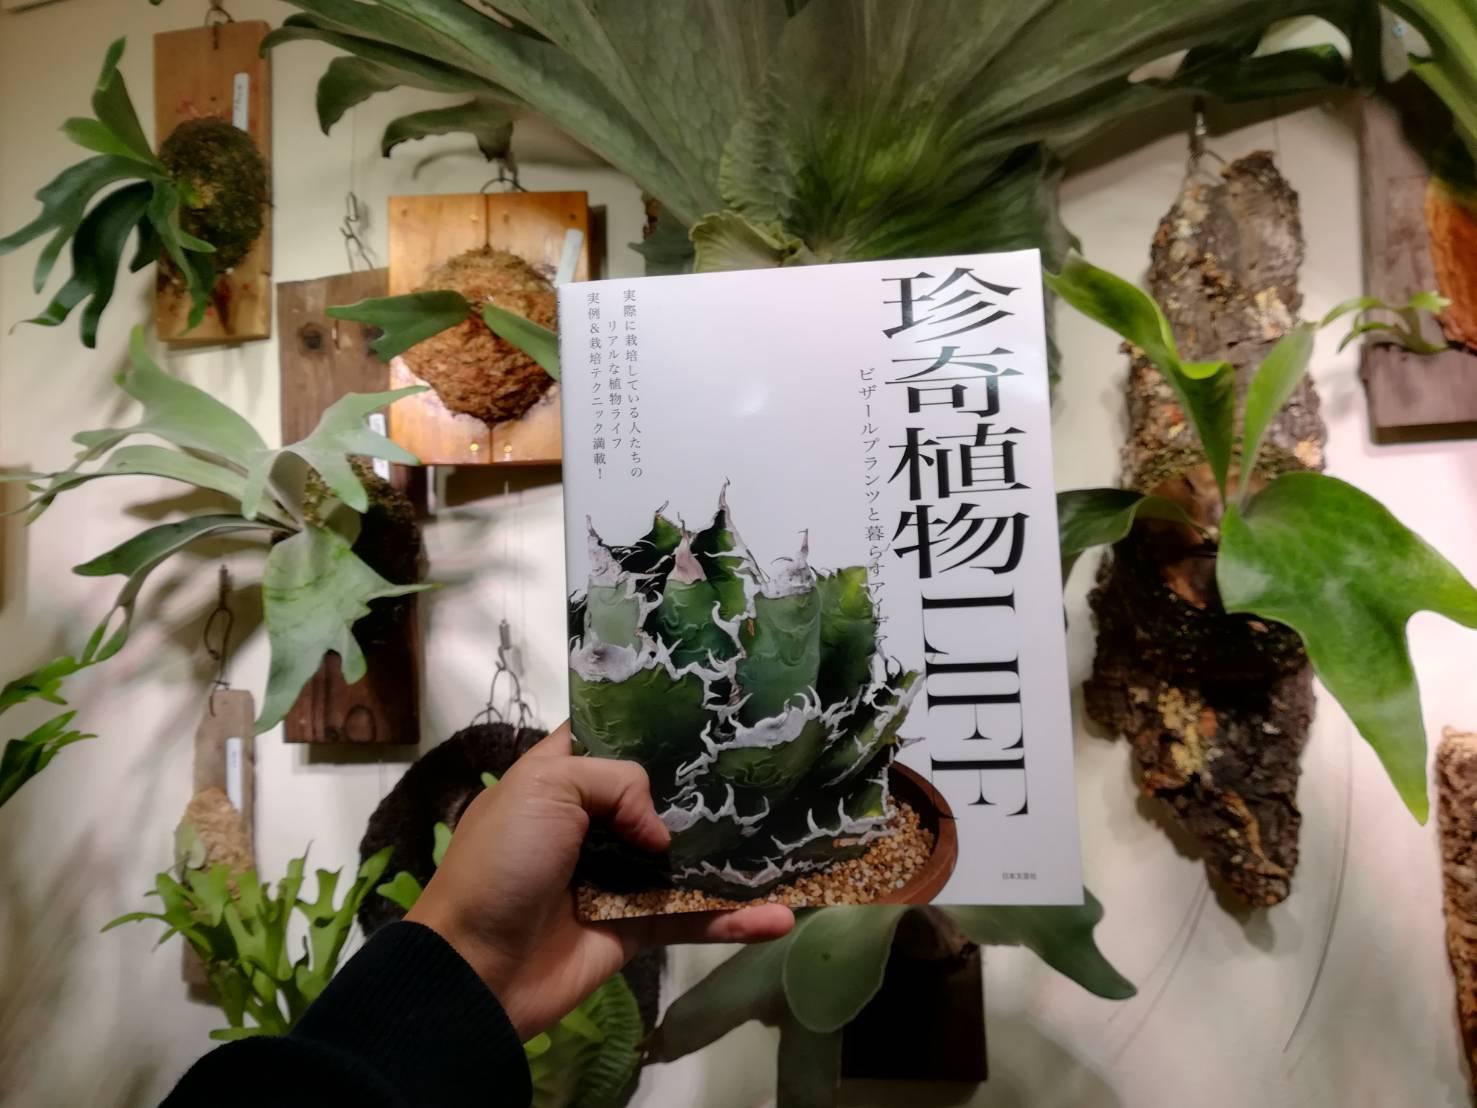 必読!「珍奇植物LIFE」は必ず手元に置いておきたい1冊!